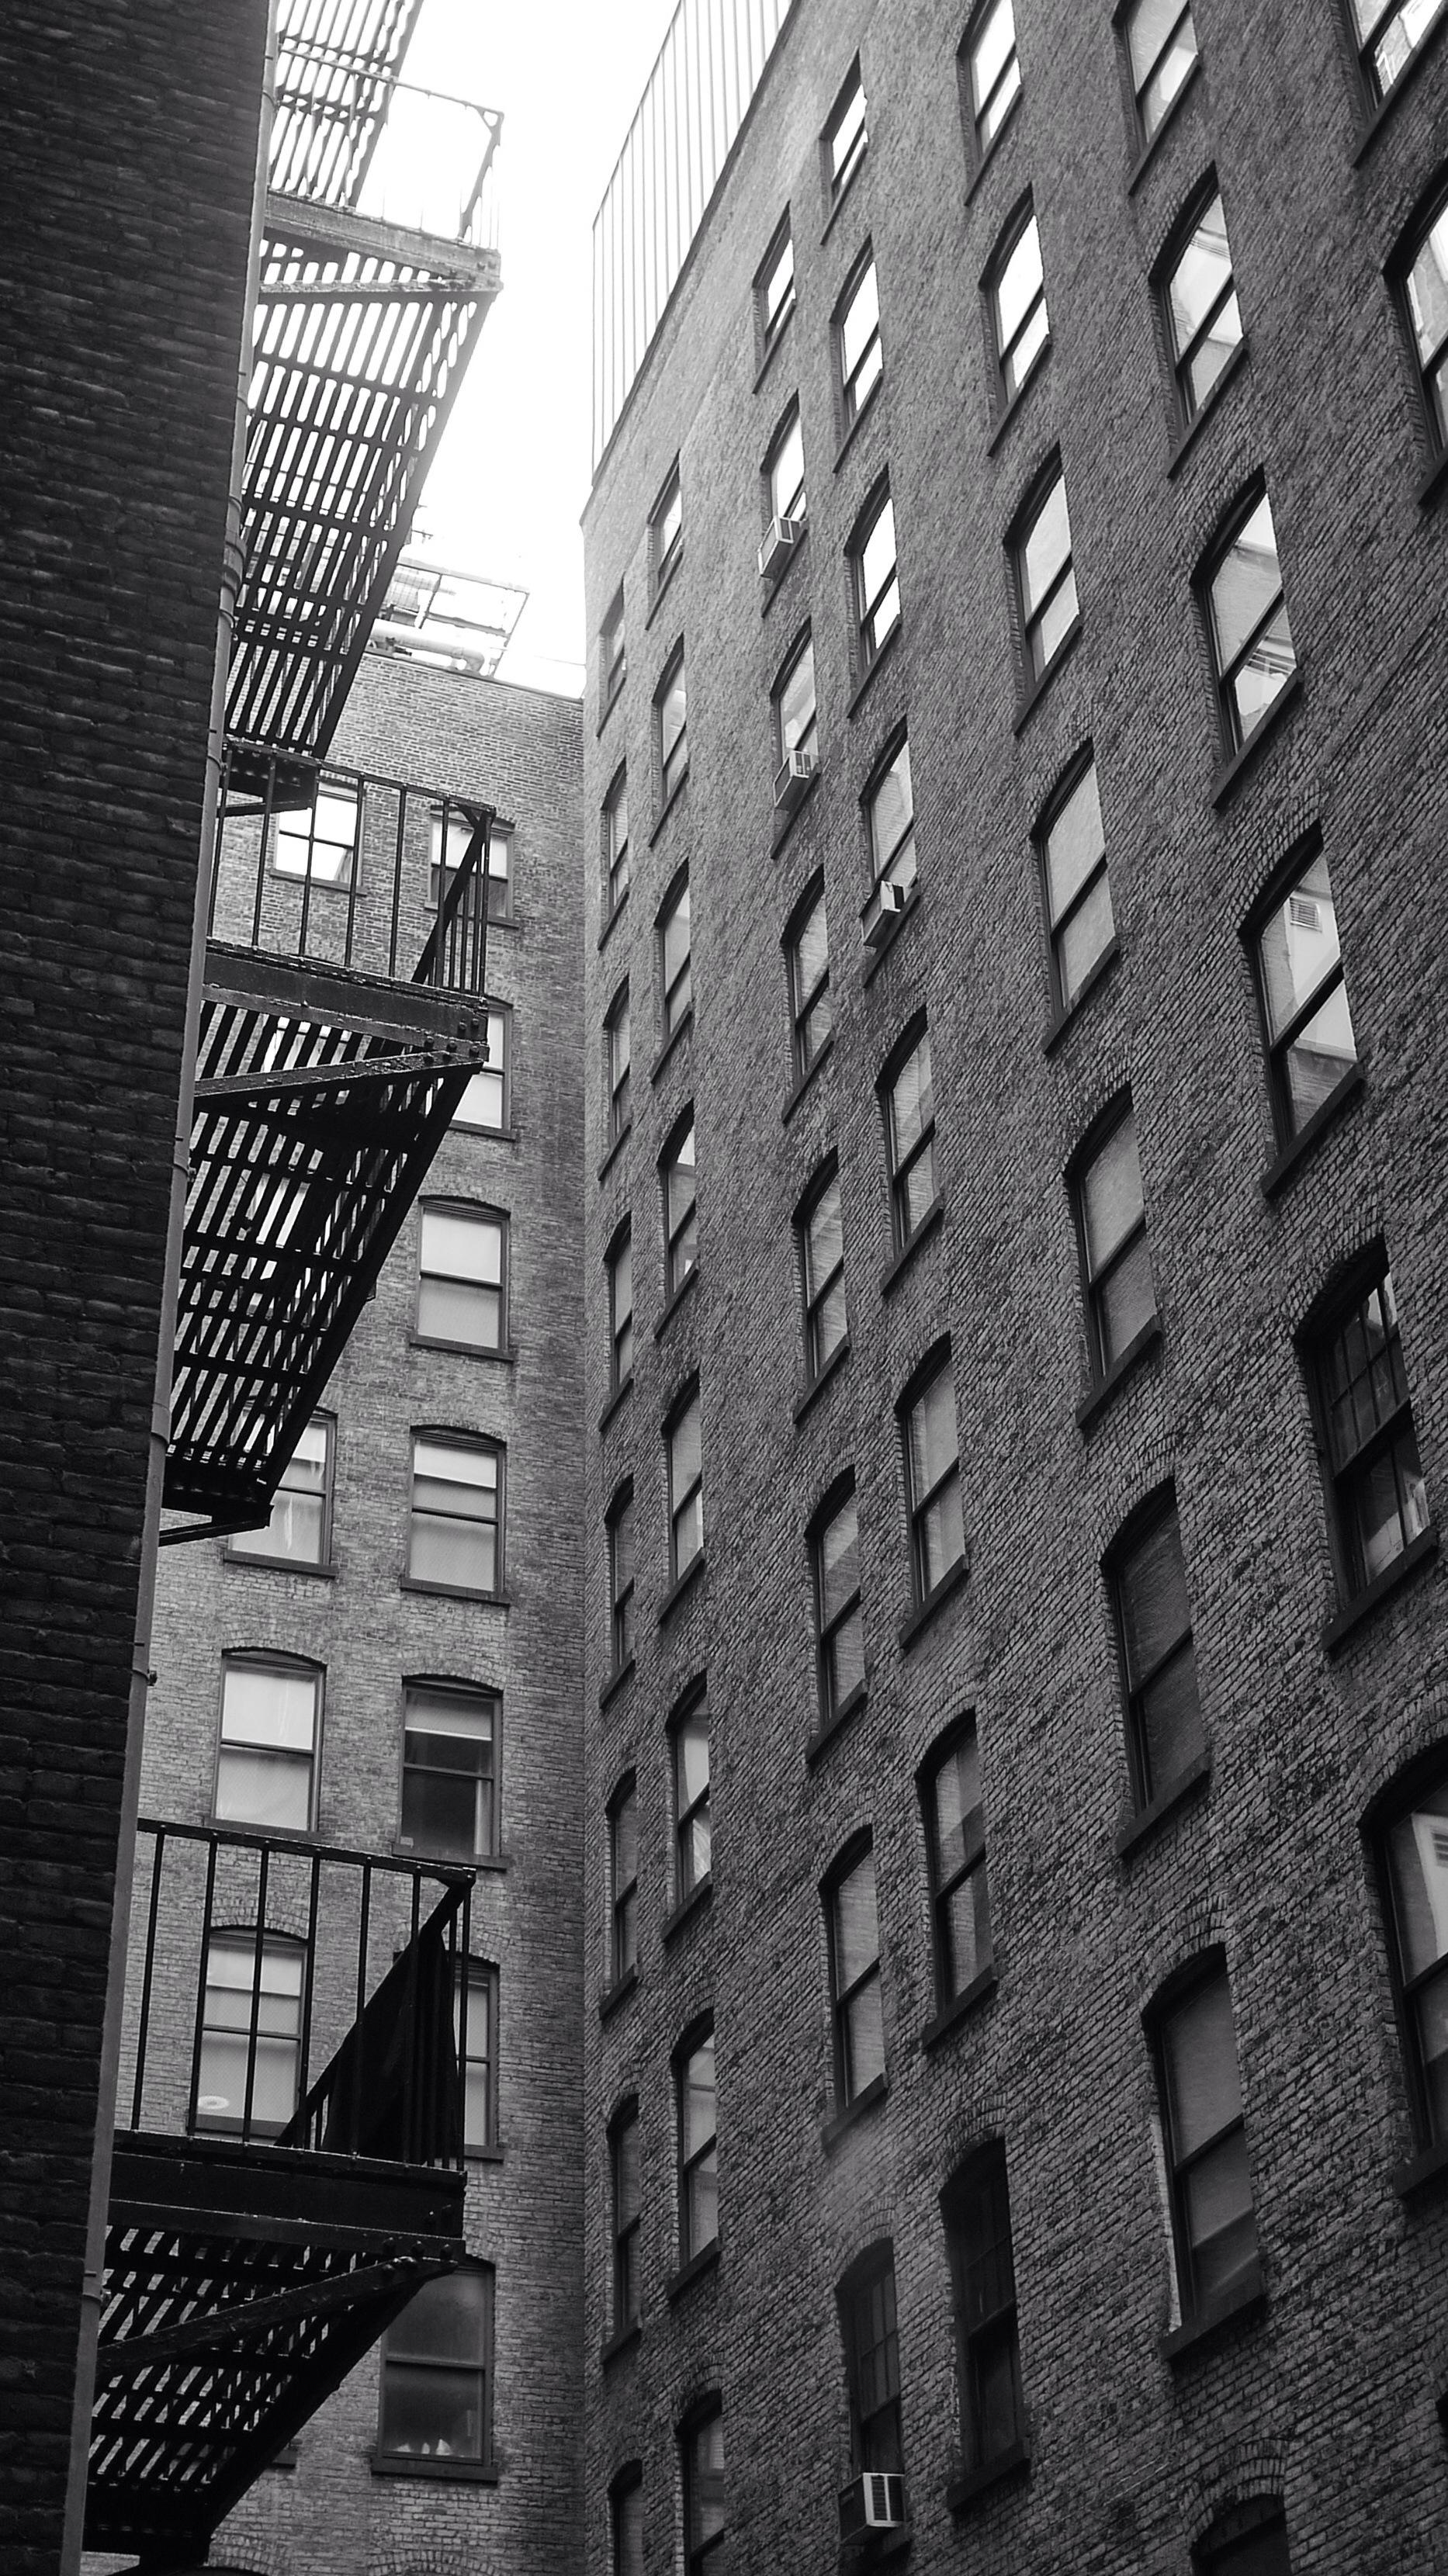 Maze of windows #walkingtoworktoday